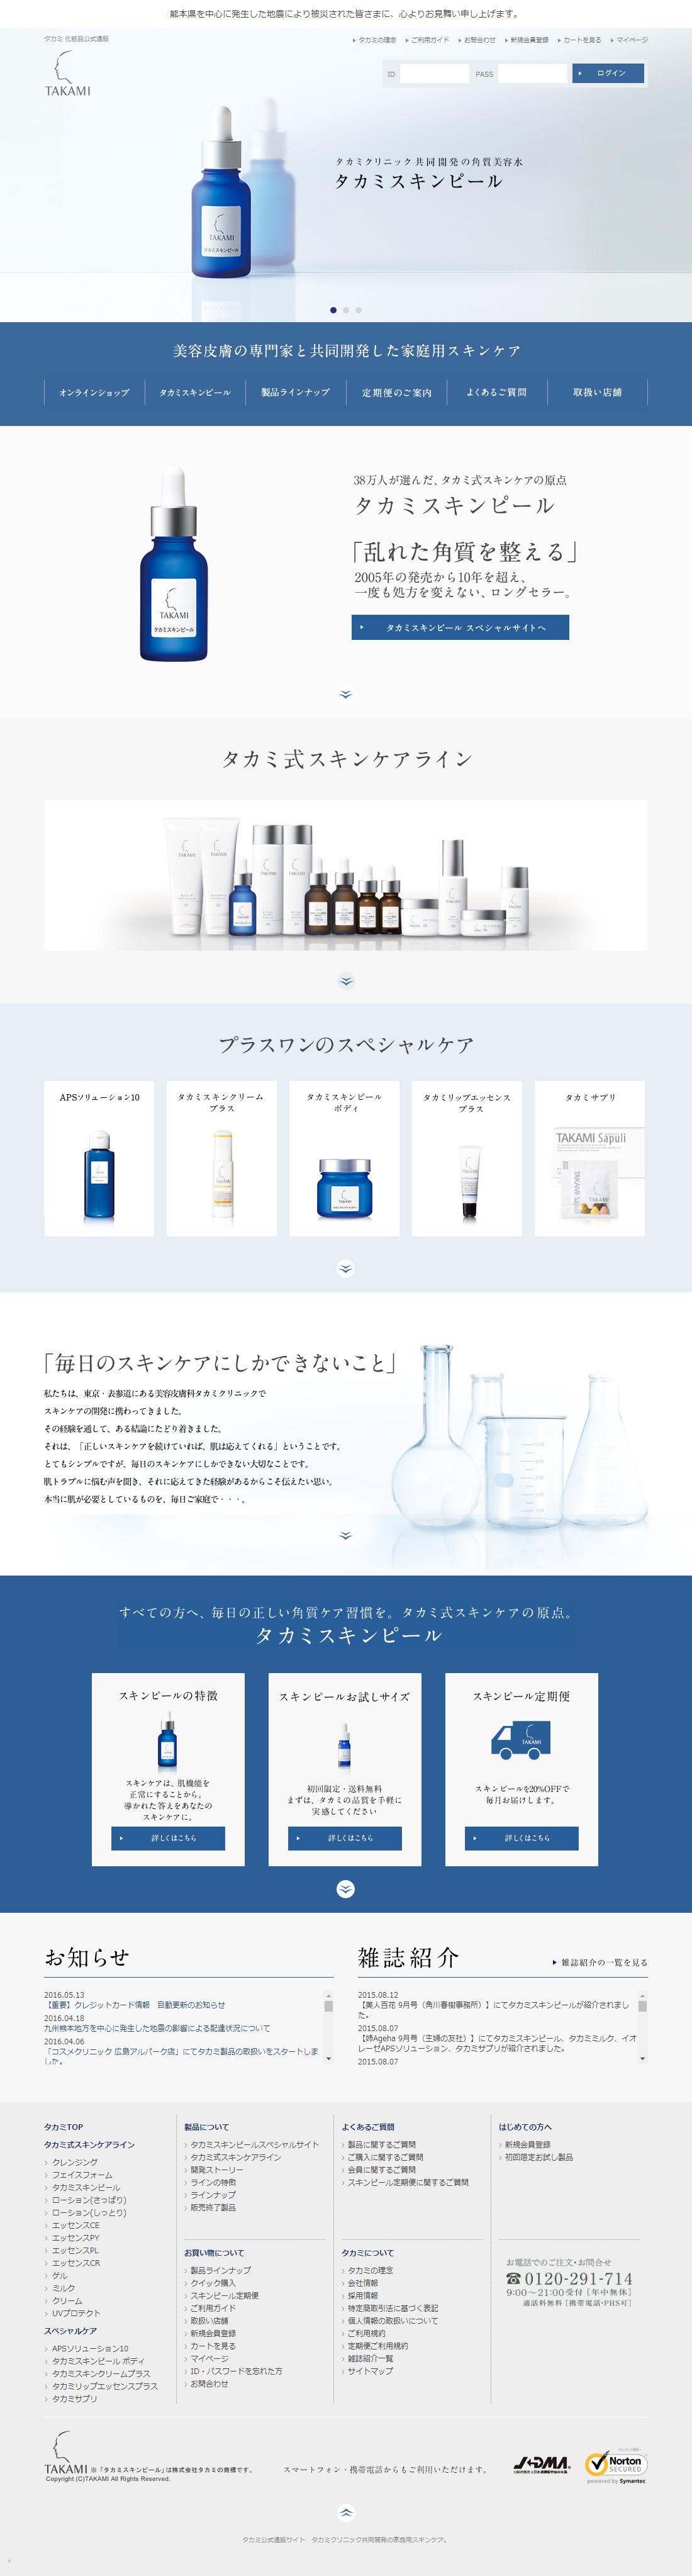 タカミ化粧品公式通販